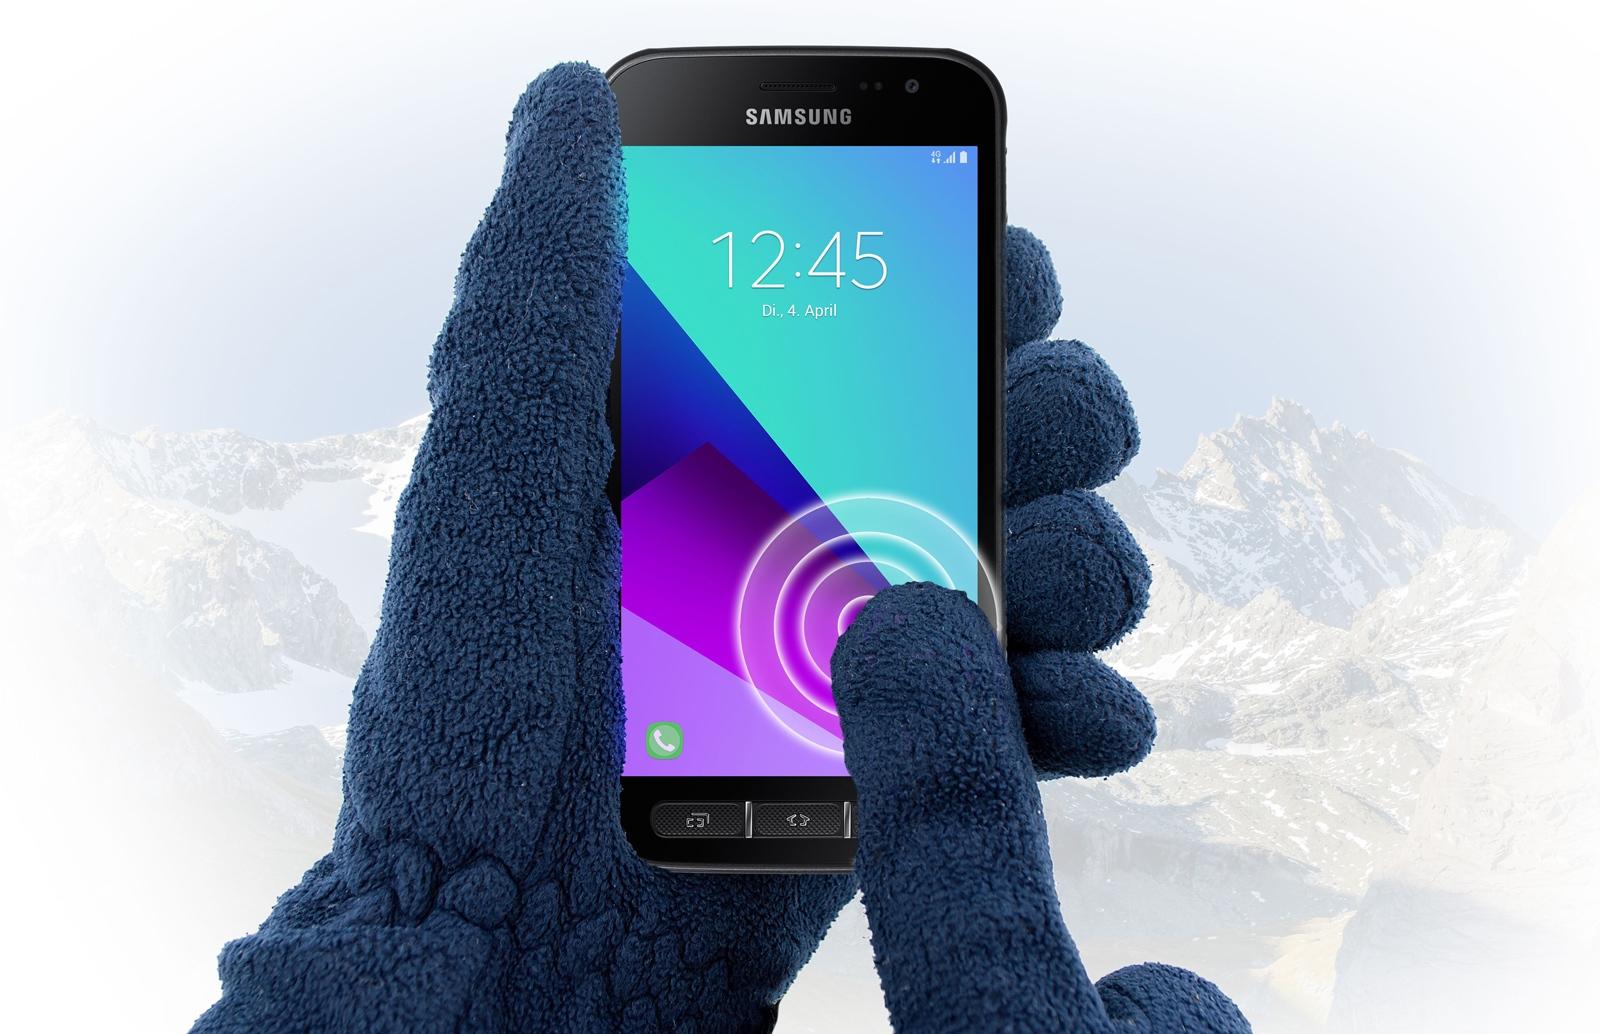 Самсунг Galaxy Note 10 получит беспроводную зарядку как уXiaomi Mi9